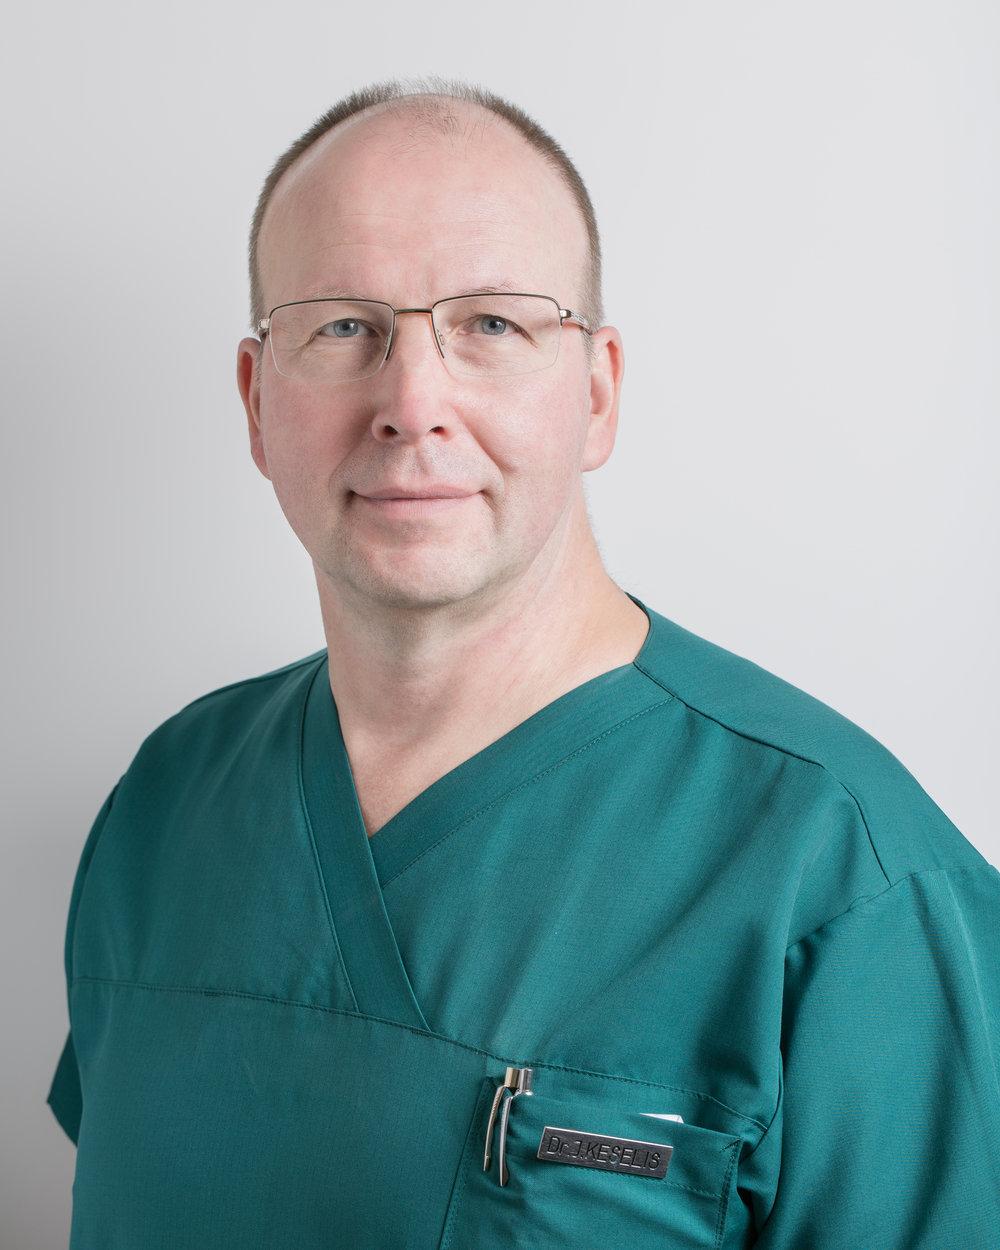 Jānis Keselis - Jānis Keselis, viens no vadošajiem traumatologiem-ortopēdiem Latvijā ar 34 gadu pieredzi.Specializējas gūžas un ceļa locītavu endoprotezēšanā un artroskopiskajā ķirurģijā. Ieguvis pieredzi ASV, Vācijā un Anglijā.Kopš 1987 gada vada traumatoloģijas nodaļu Rīgas 2. slimnīcā.